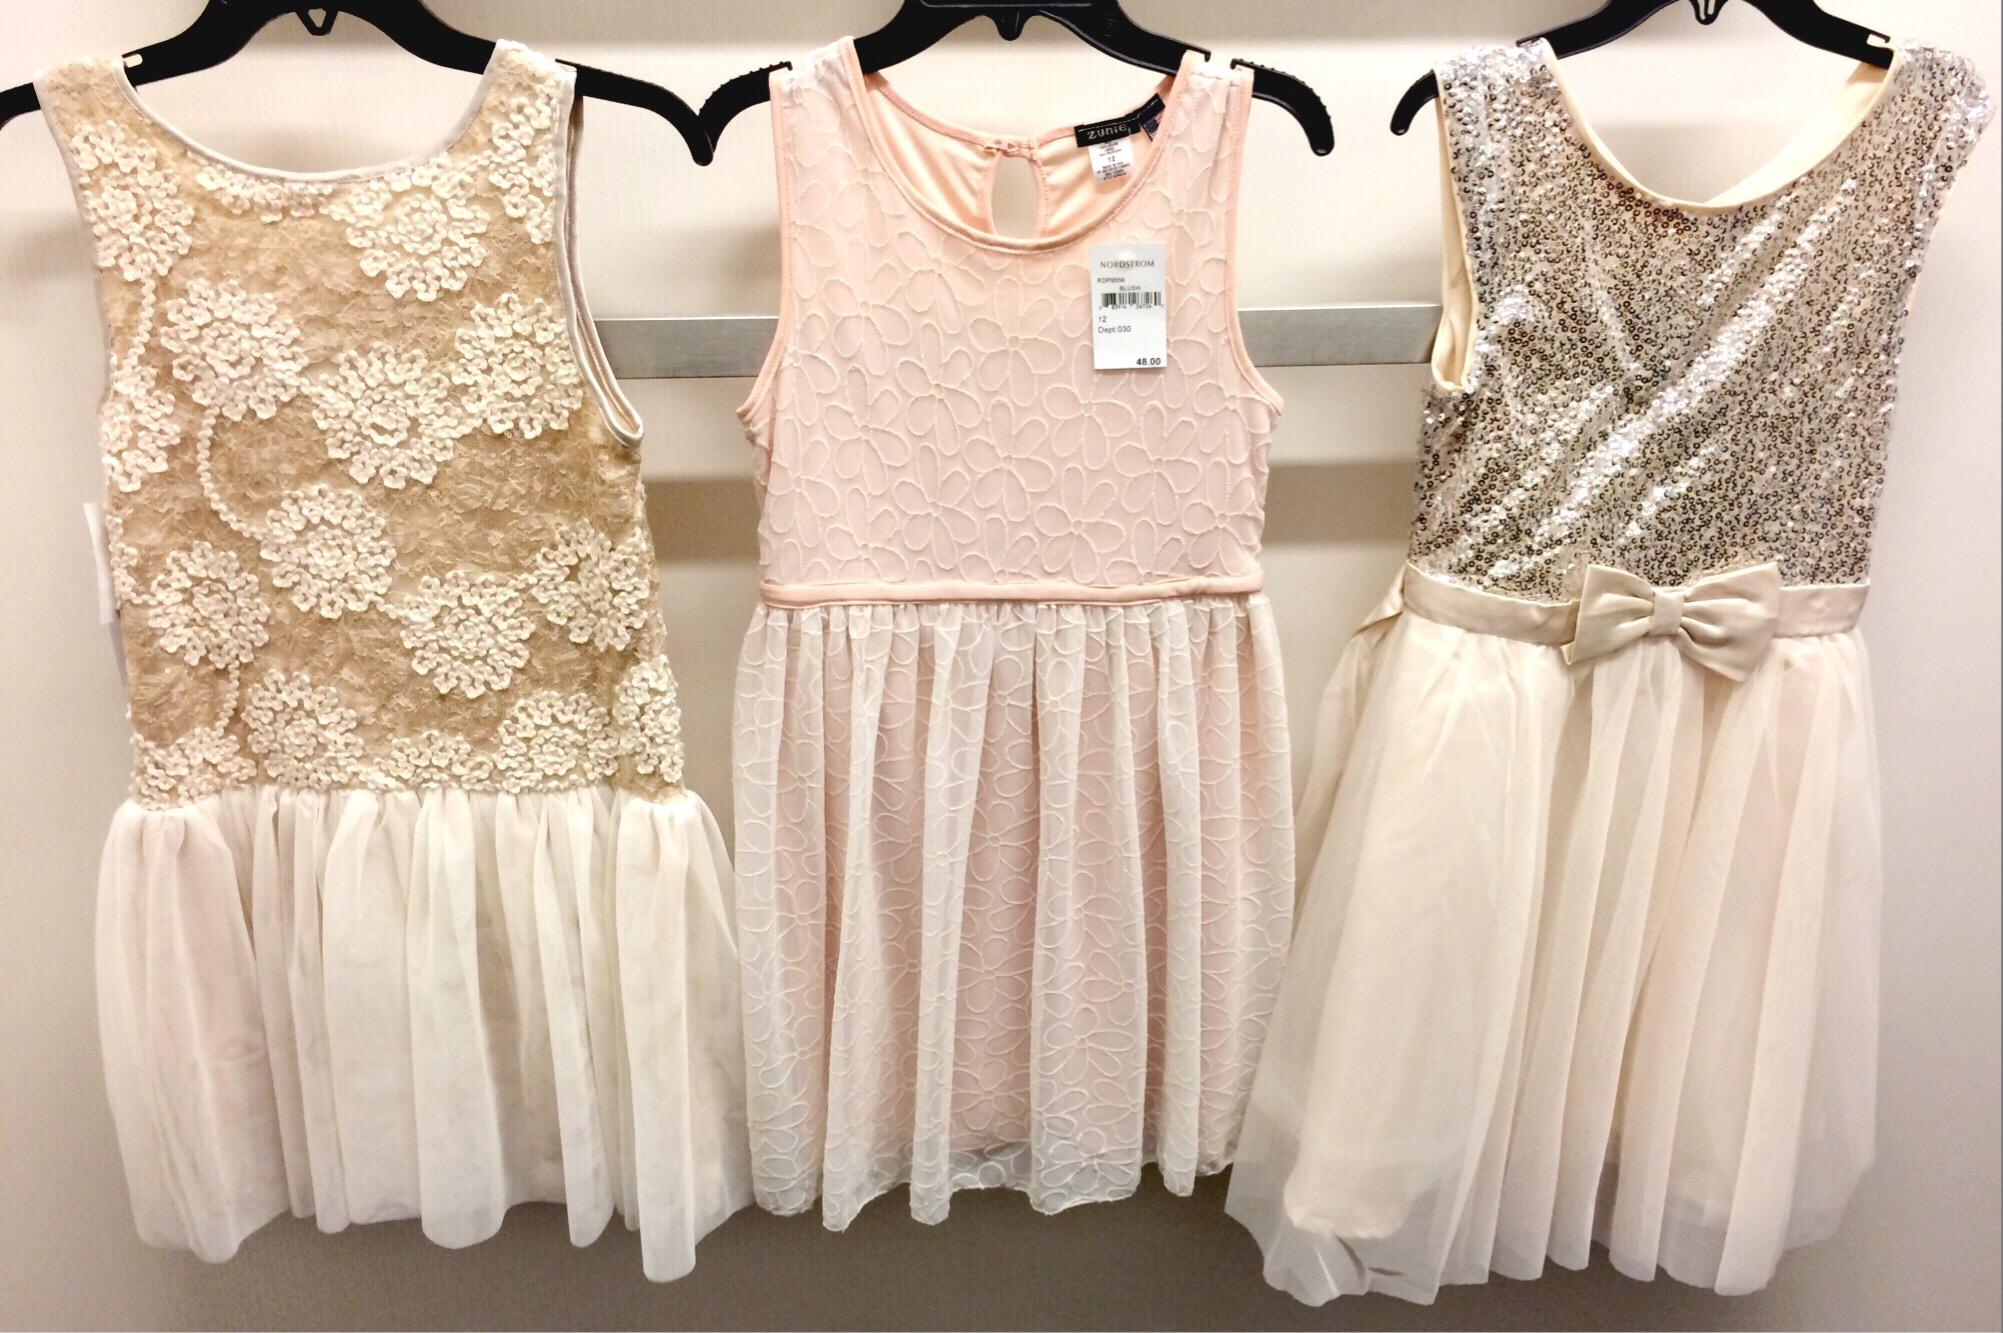 Eeek! We need a dress!